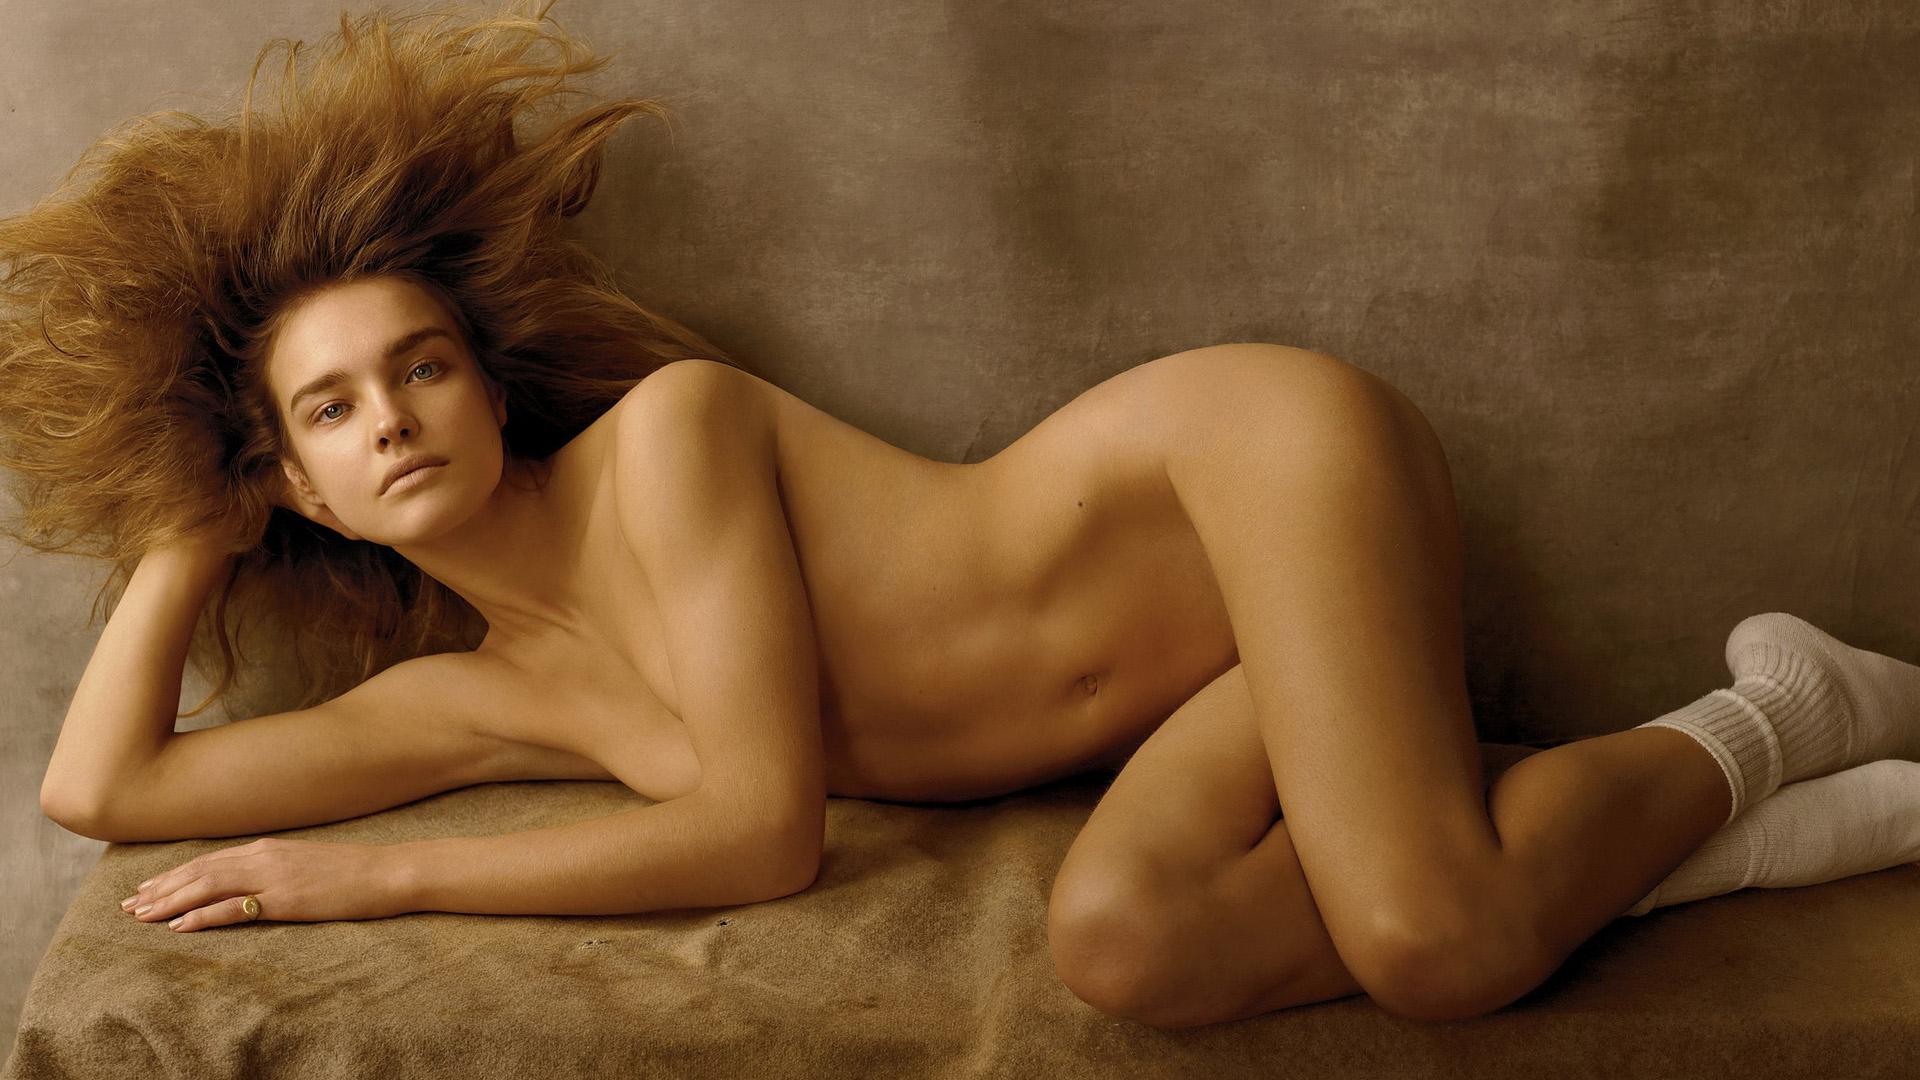 natalya-podolskaya-na-rabochiy-stol-erotichnoe-foto